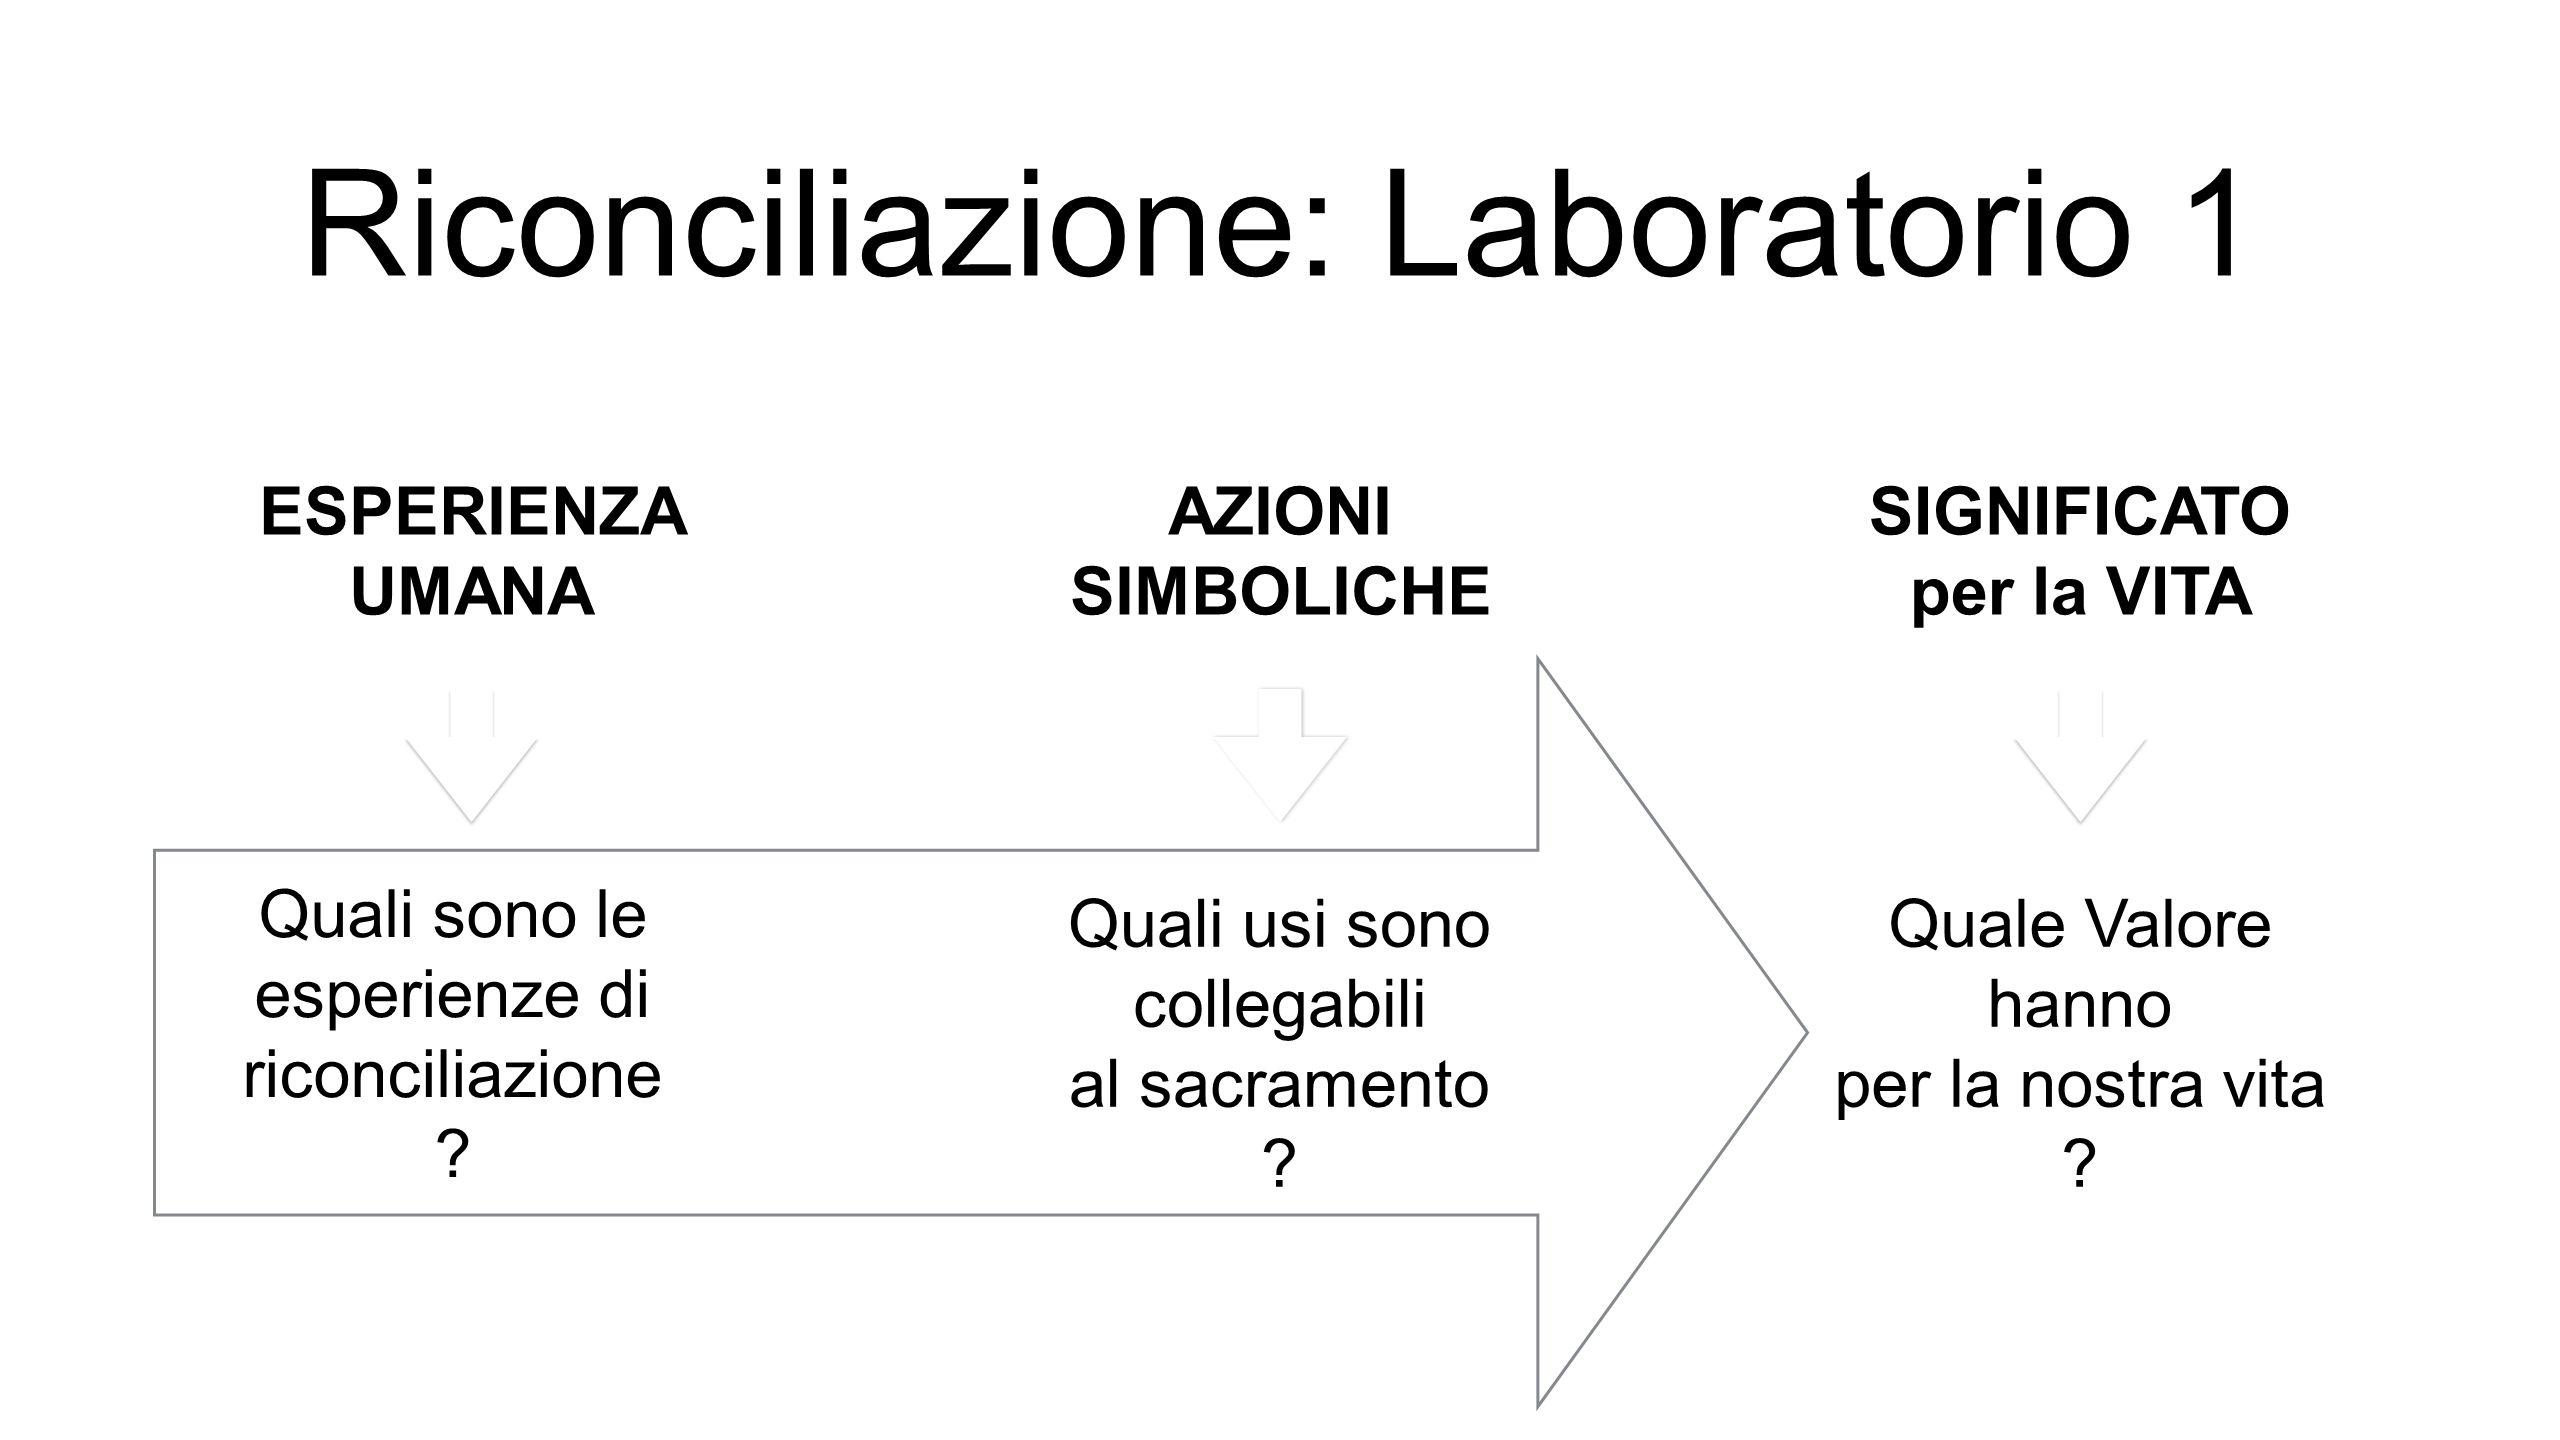 Riconciliazione: Laboratorio 2 Riflessioni, Commenti, Attualizzazione a partire da un testo di d.